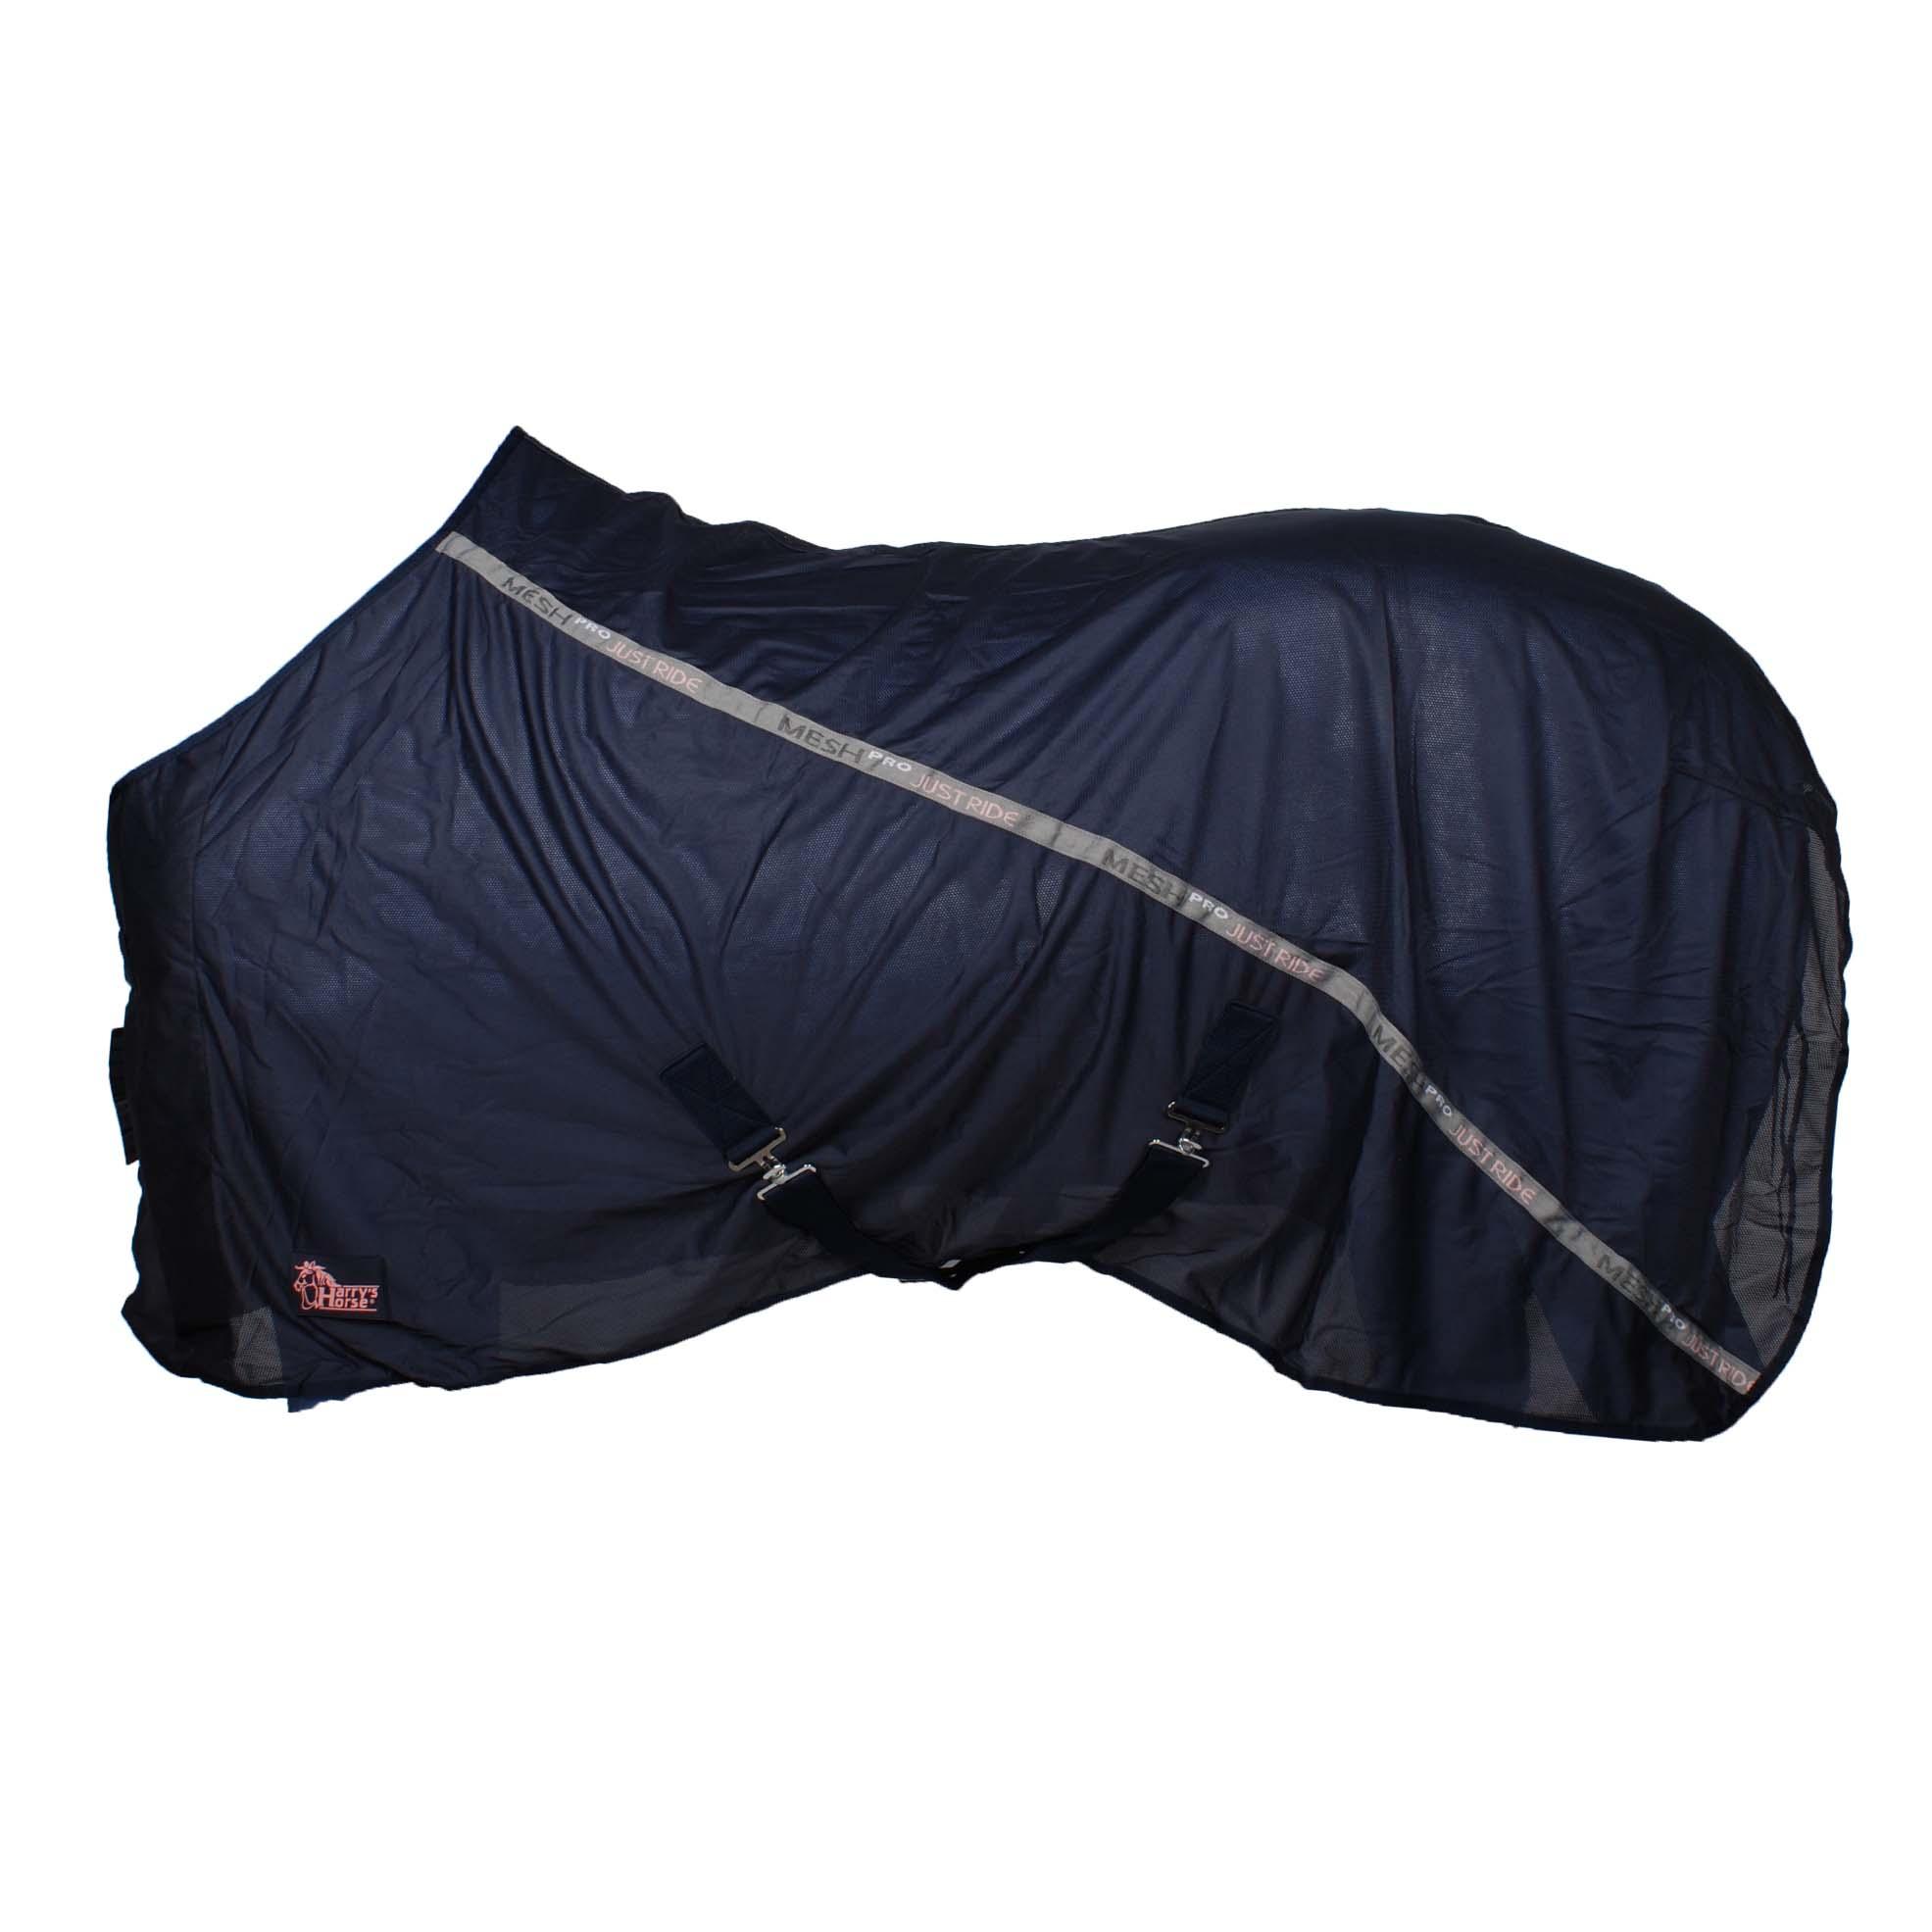 Harrys Horse Mesh Pro Just Ride VJ20 zweetdeken donkerblauw maat:195